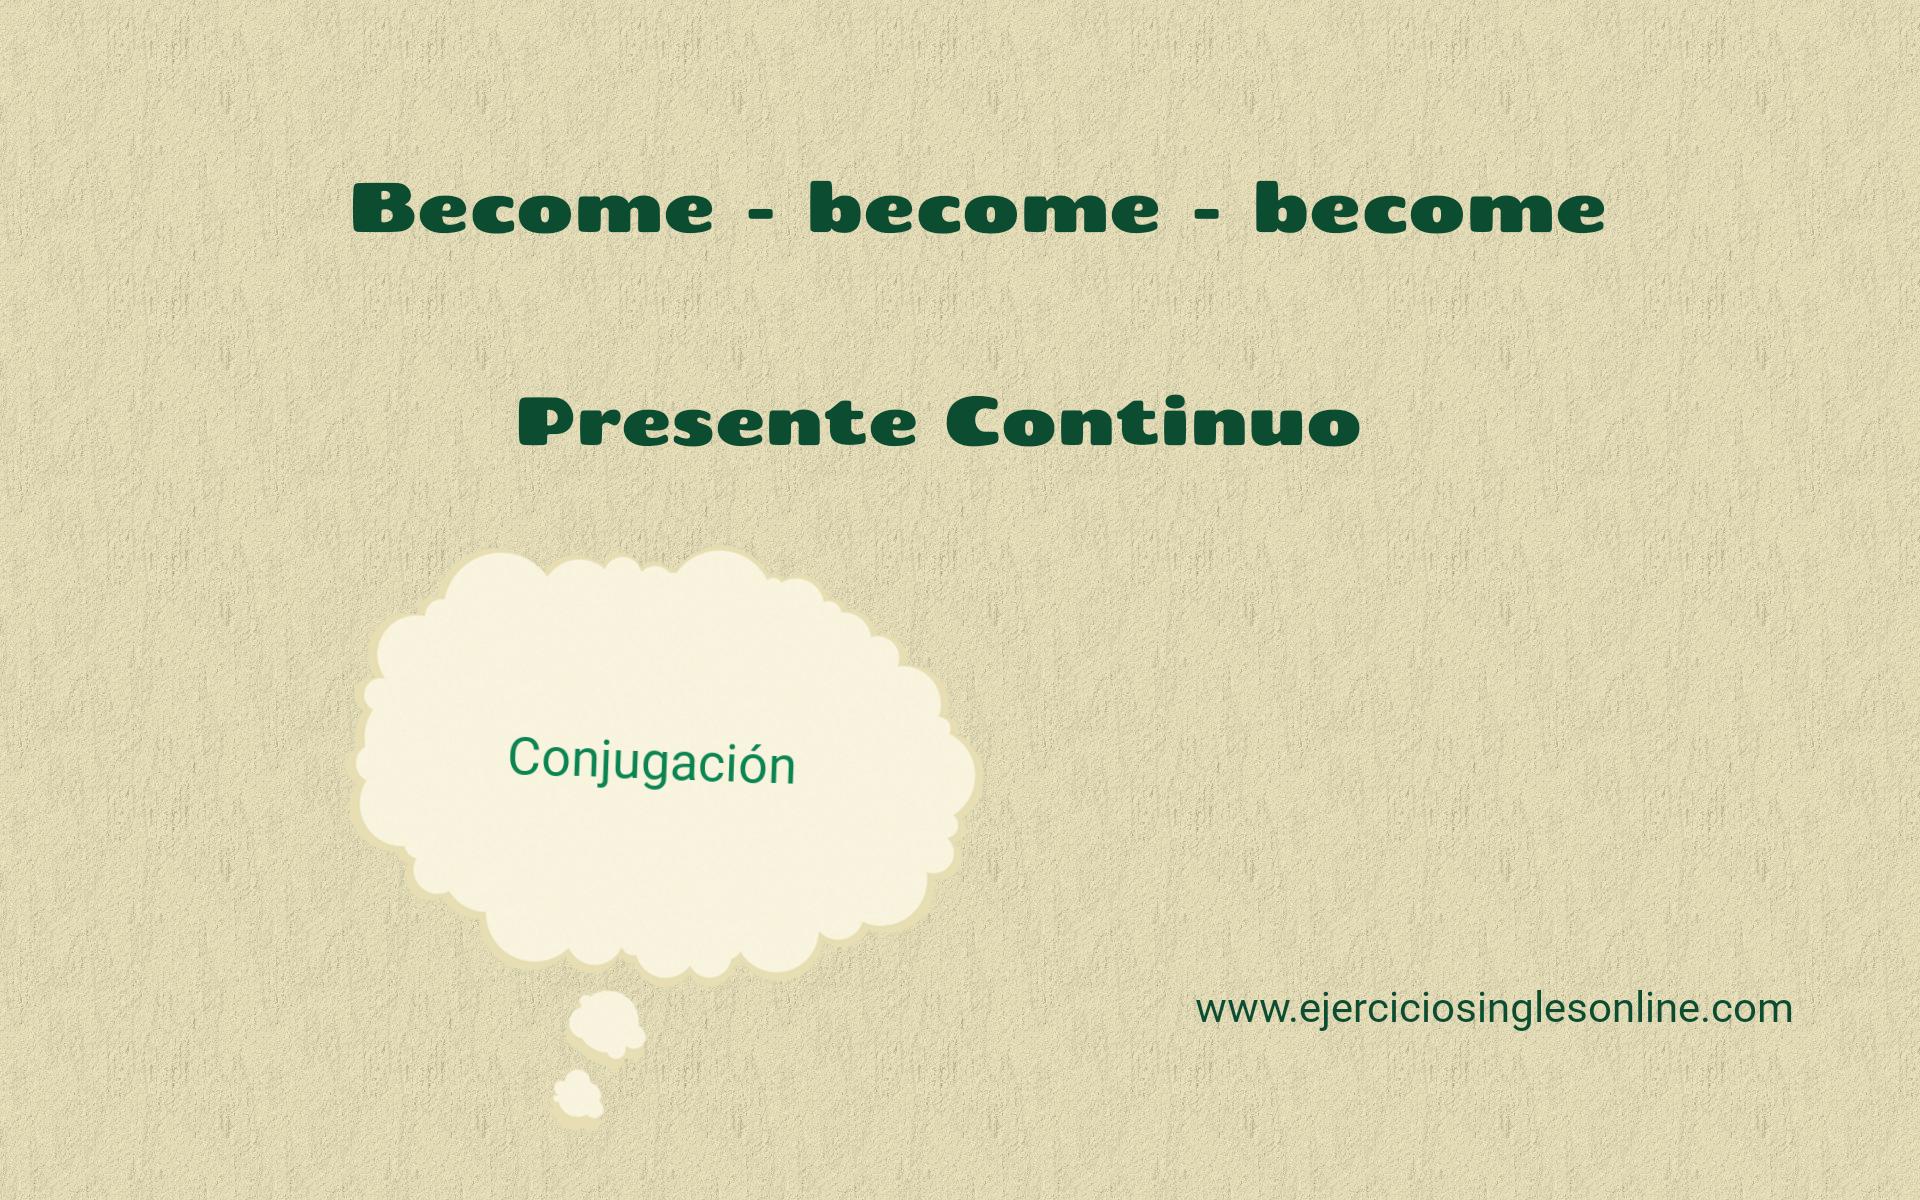 Become - Presente continuo - Conjugación